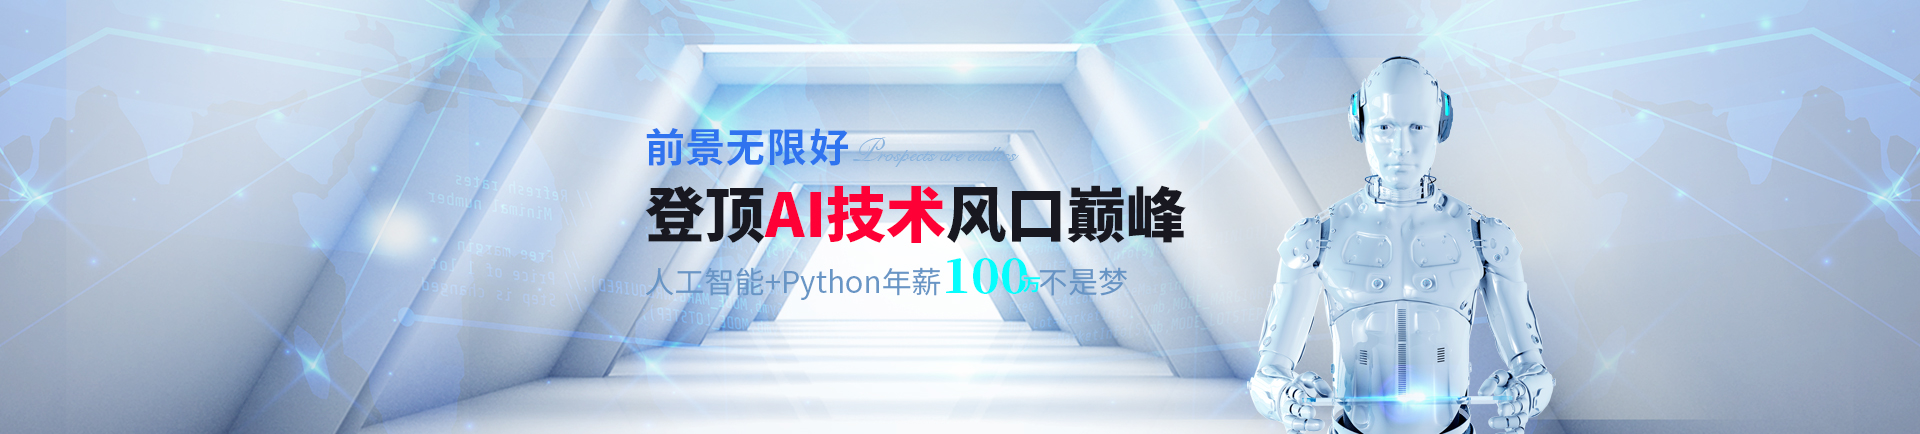 登顶AI技术风�巅峰 人工智能+Python年薪100万�是梦-tianjin